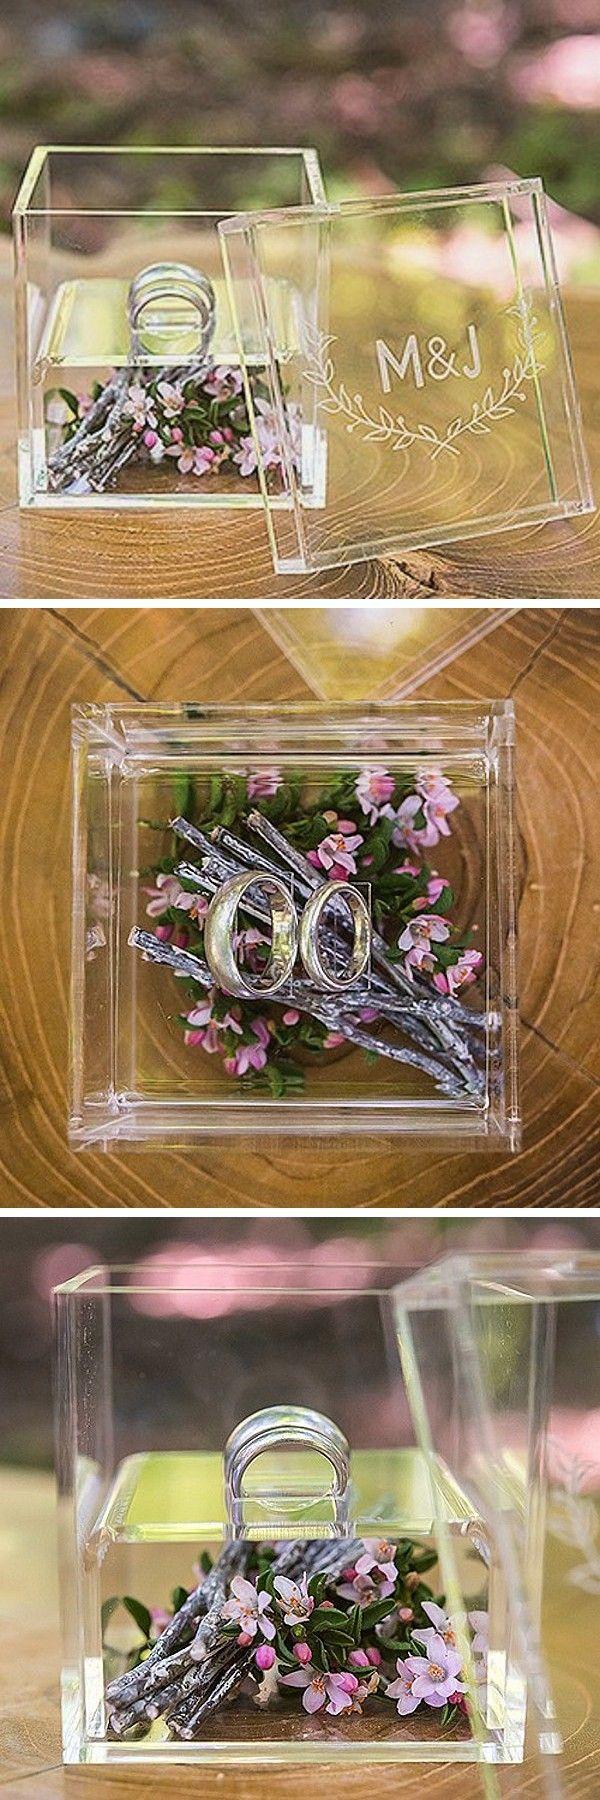 Bridal golden wedding door personalized marriage gift Wedding decoration custom Alliance door